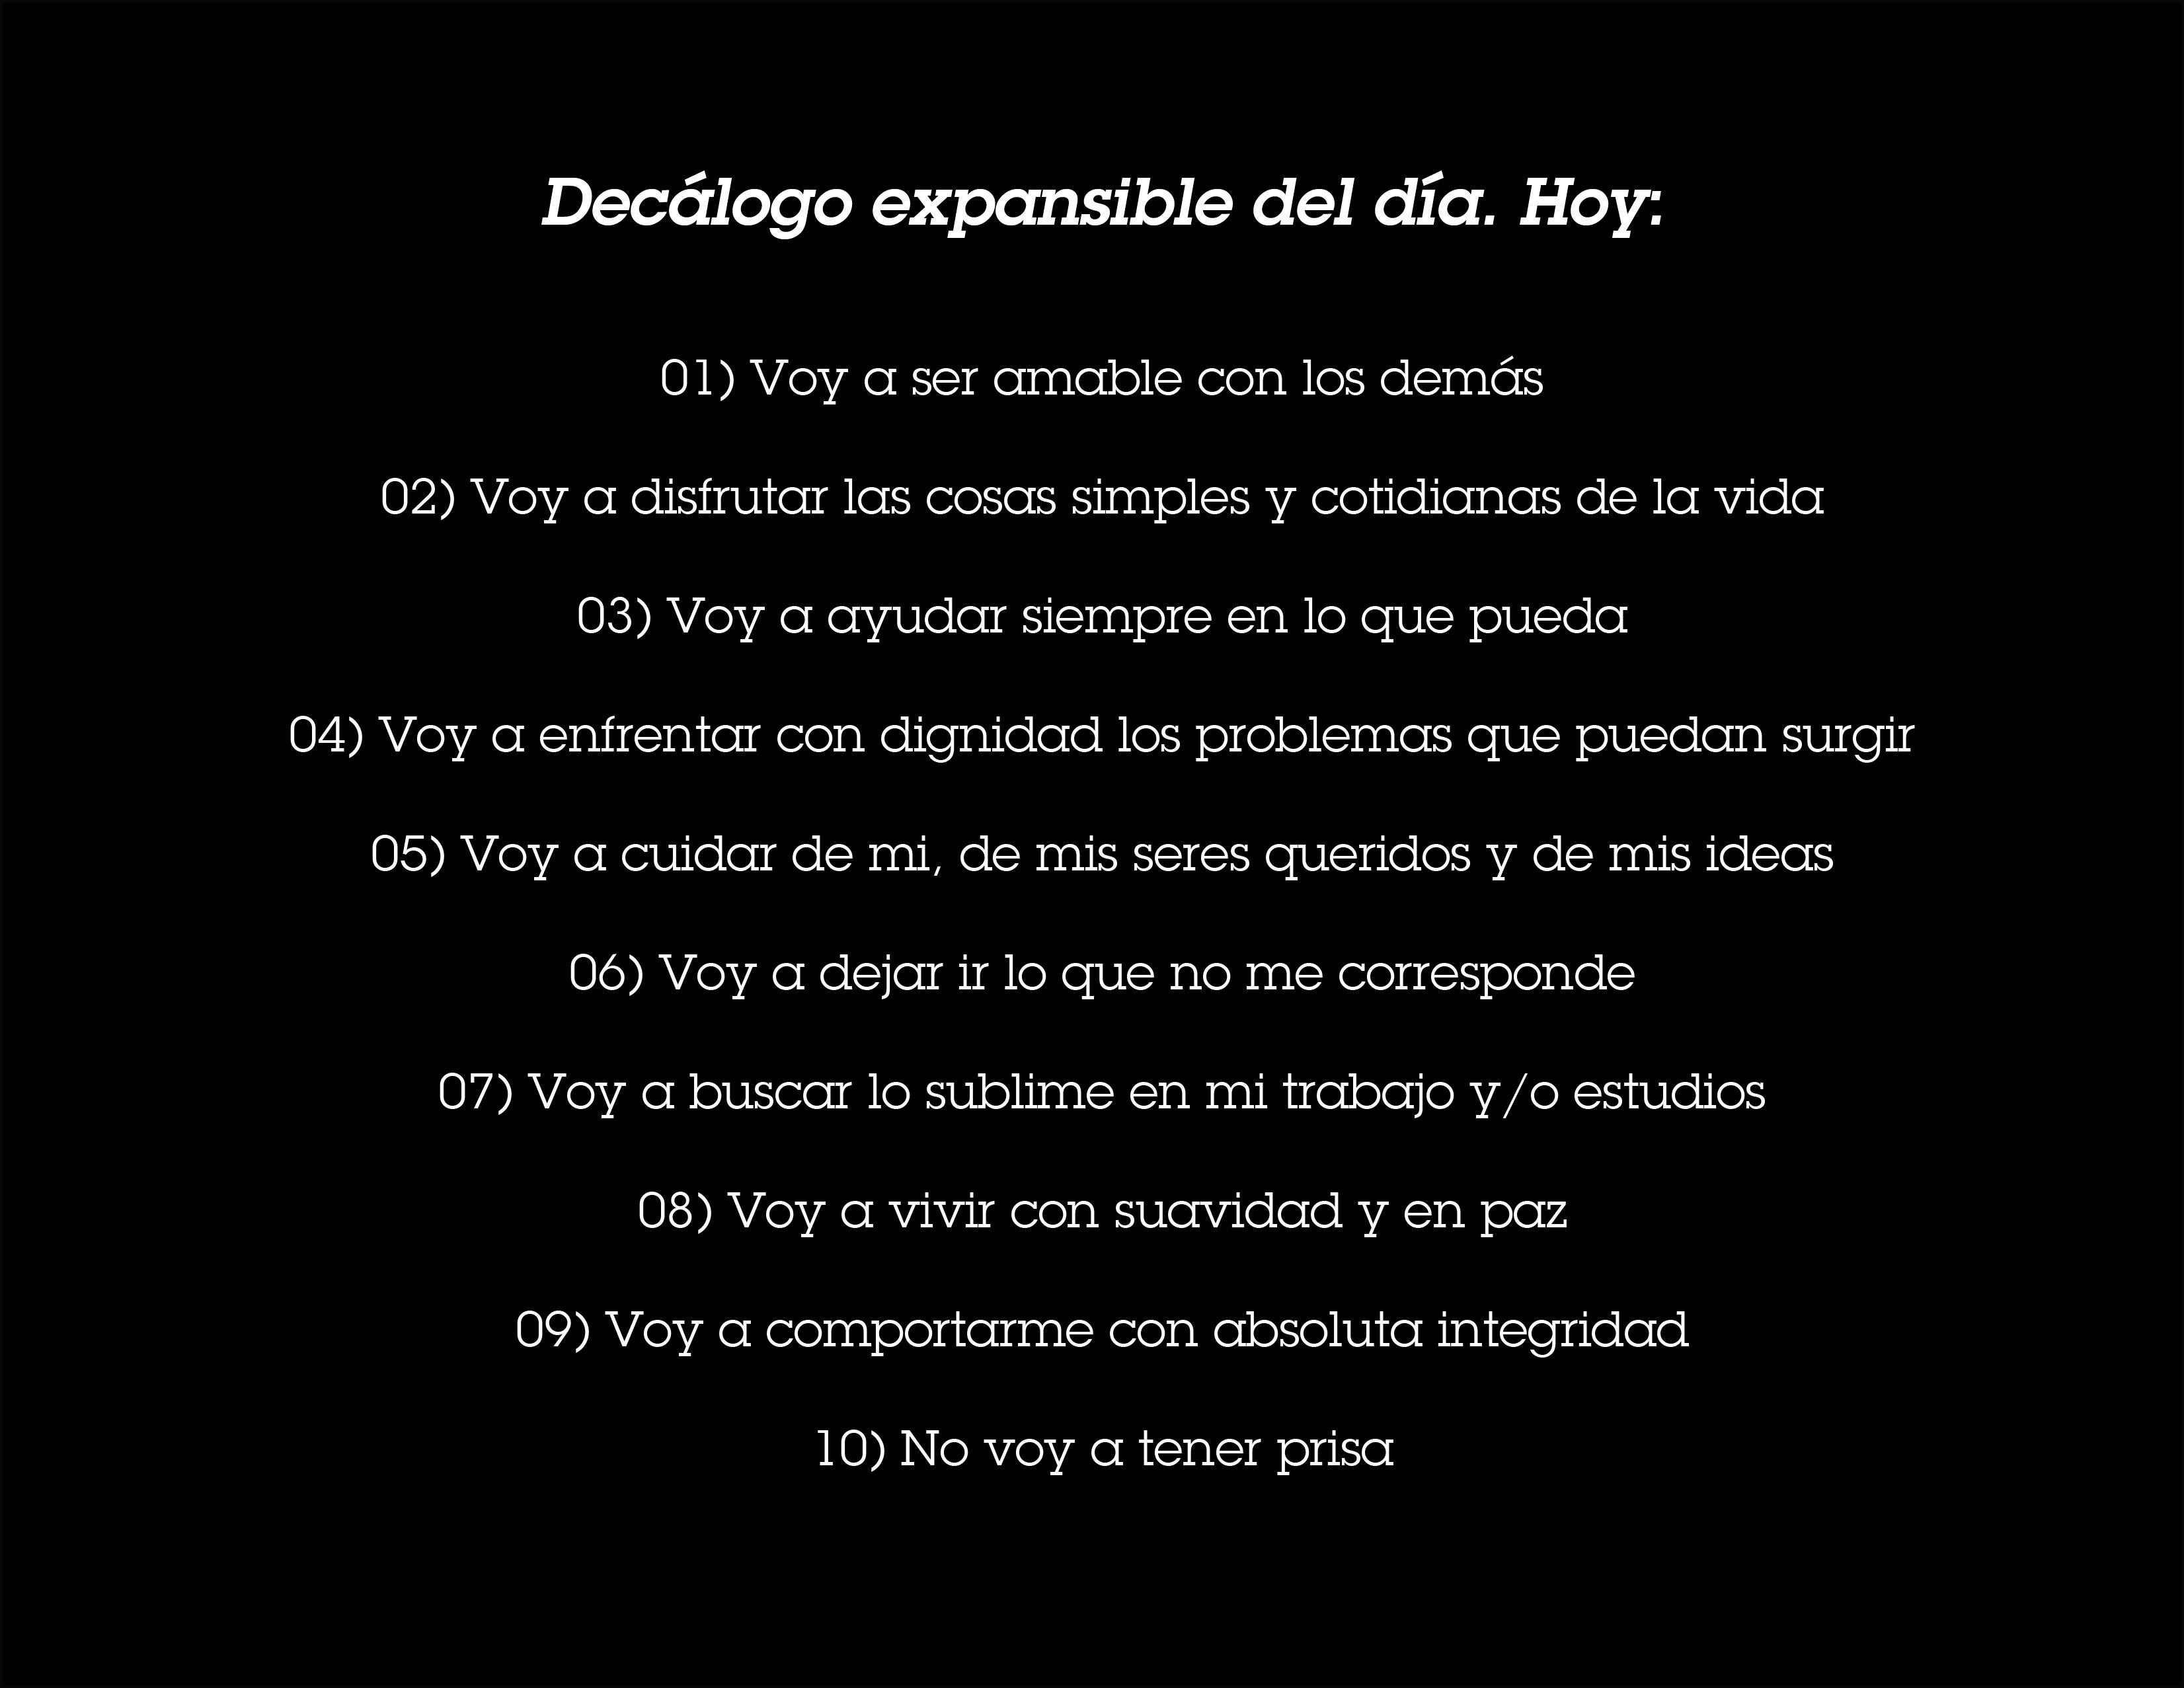 Decalogo-expansible-del-dia-Edgar Barroso